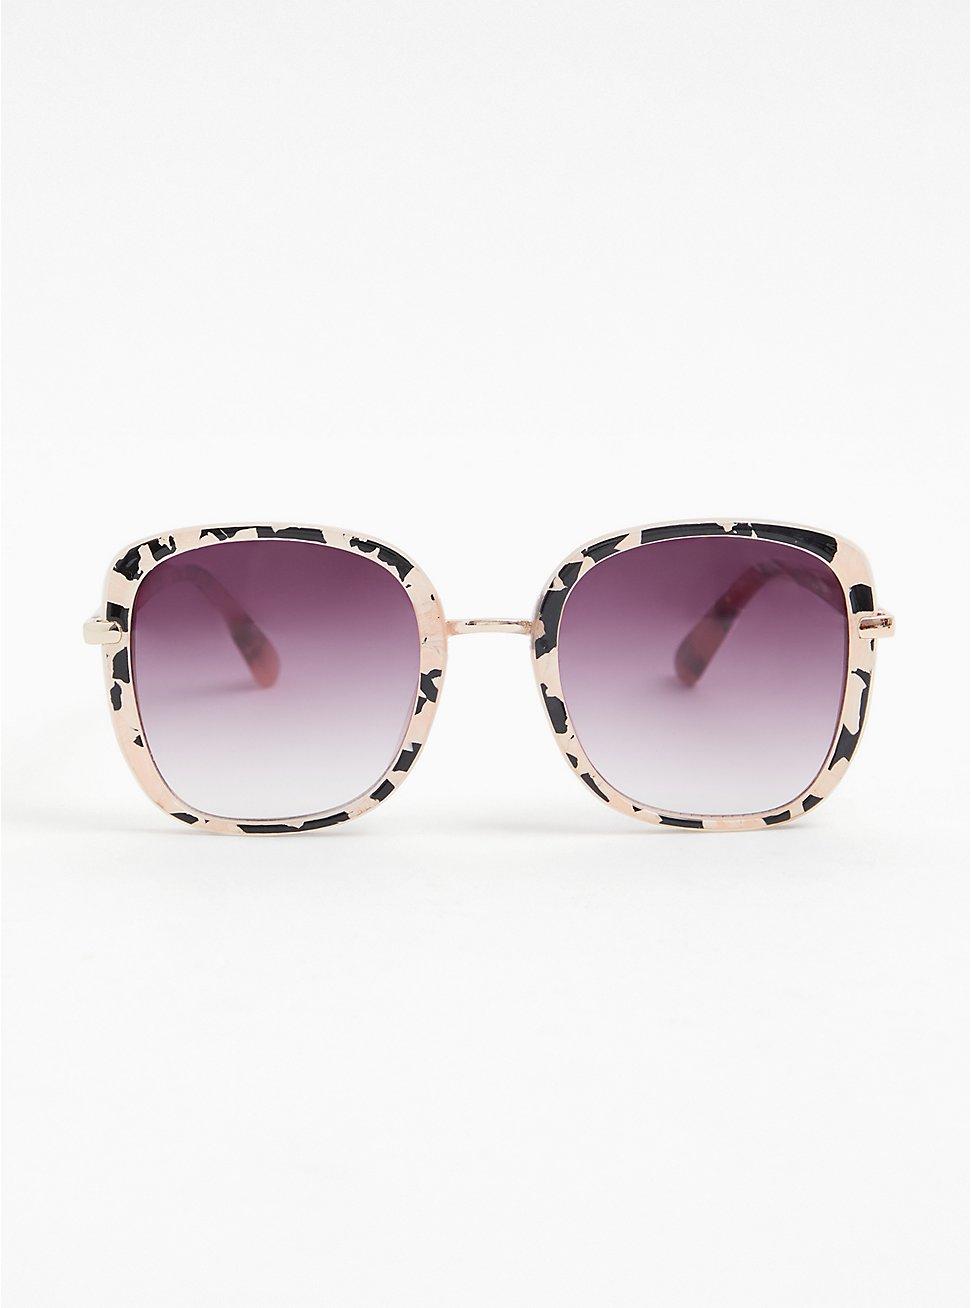 Blush Pink & Black Speckled Square Sunglasses, , hi-res